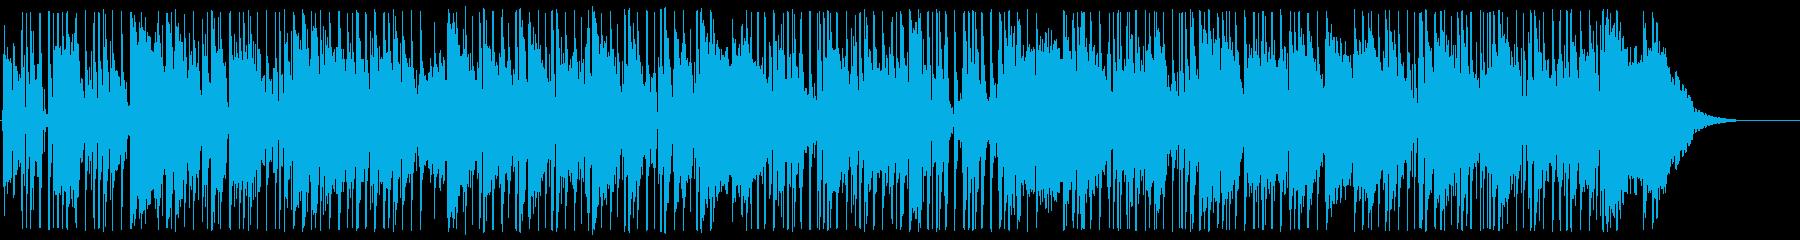 明るい雰囲気のR&Bインストゥルメ...の再生済みの波形